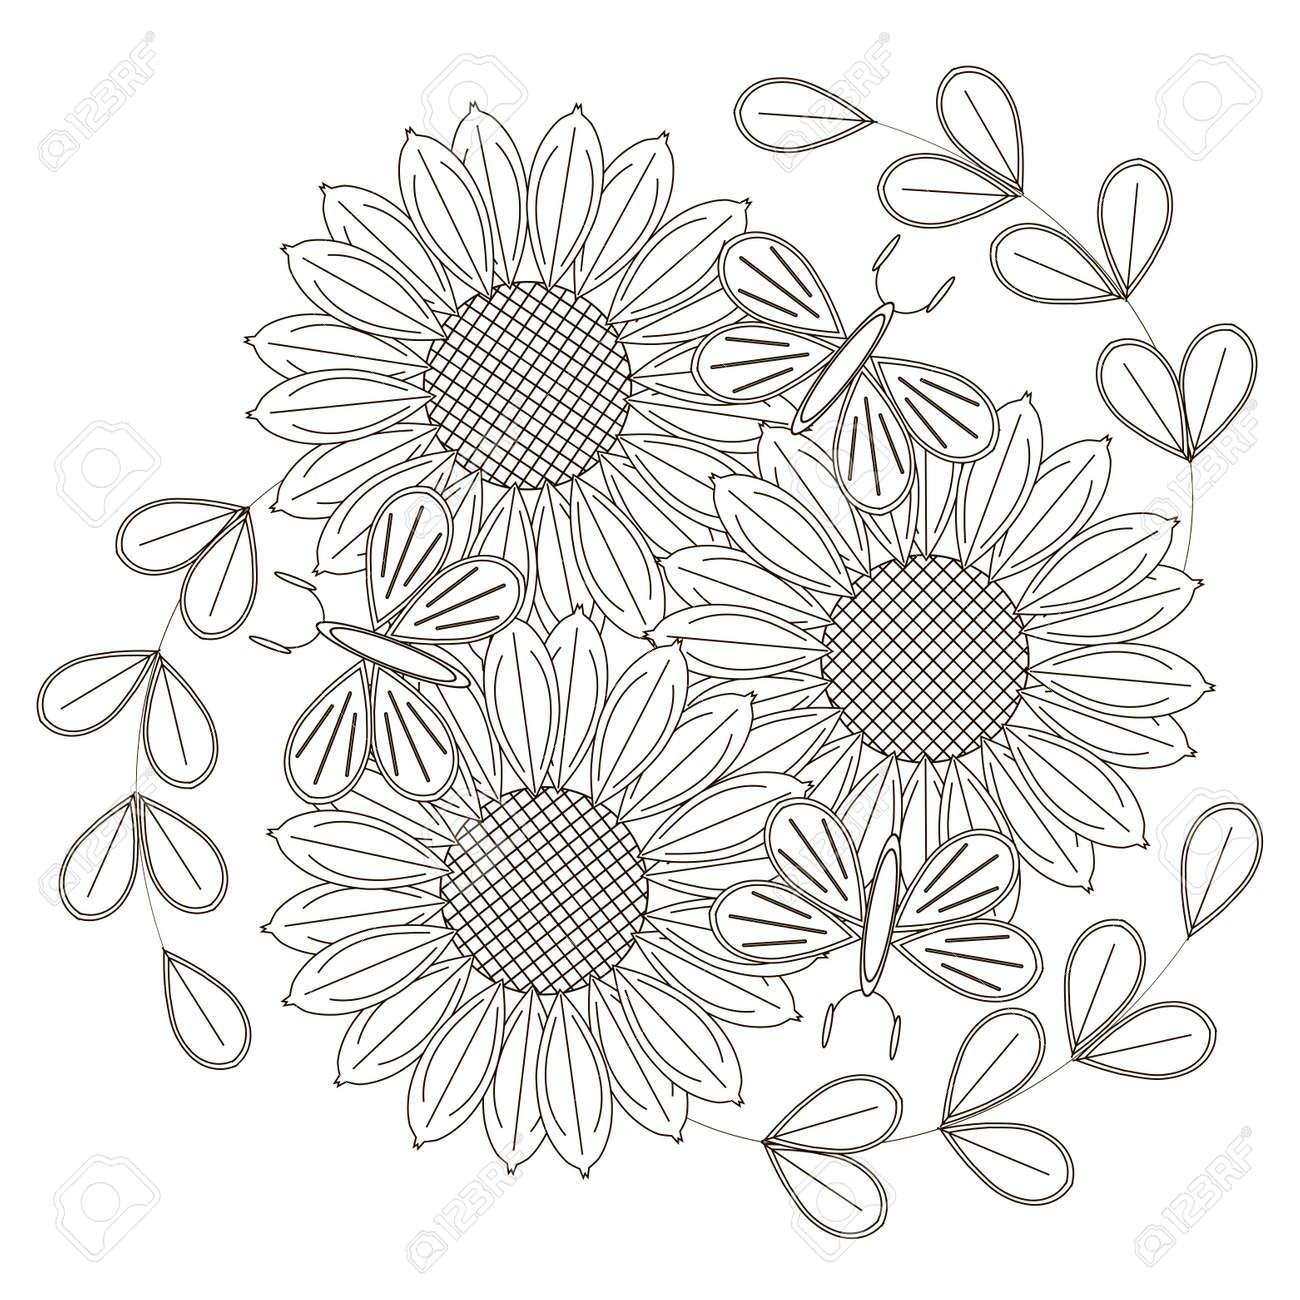 Bosquejo Blanco Y Negro De Girasoles Flores Estilizadas Y Mariposas